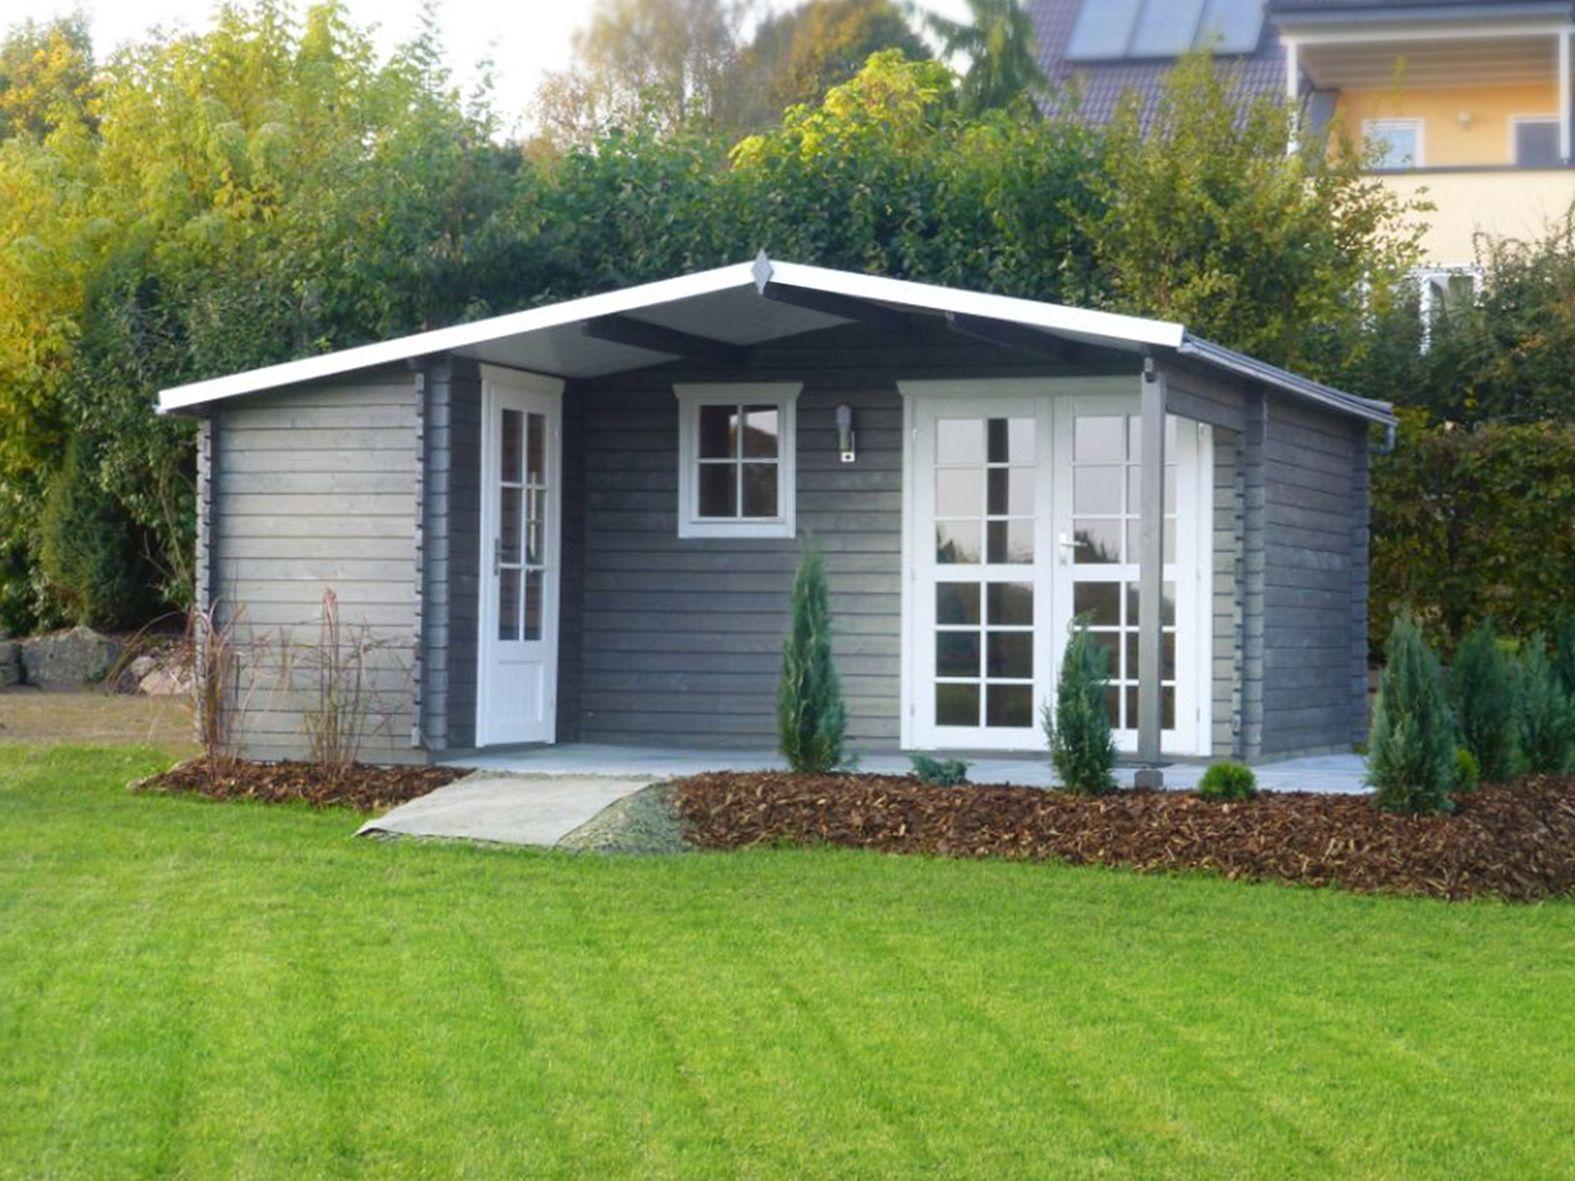 Gartenhaus Mit Unterstand 283931 · Haus Und GartenKleines ...